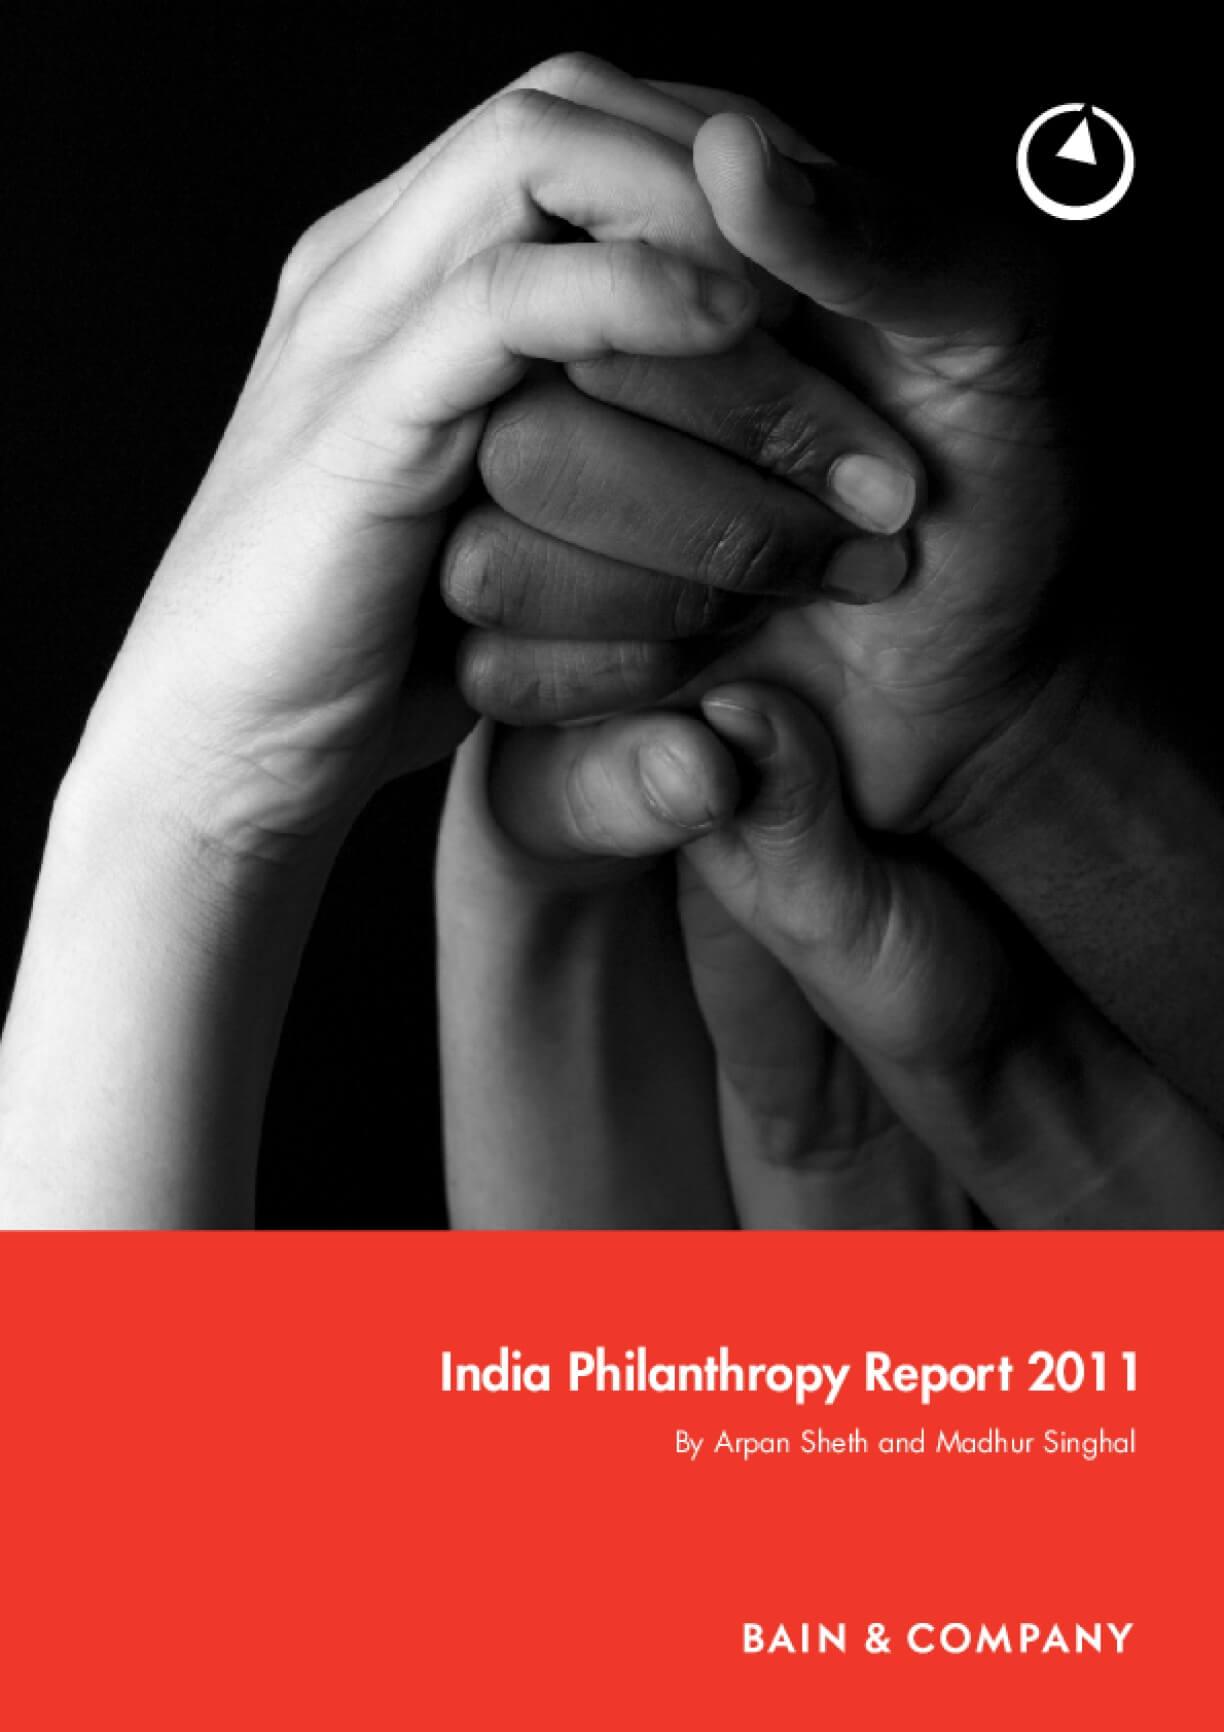 India Philanthropy Report 2011